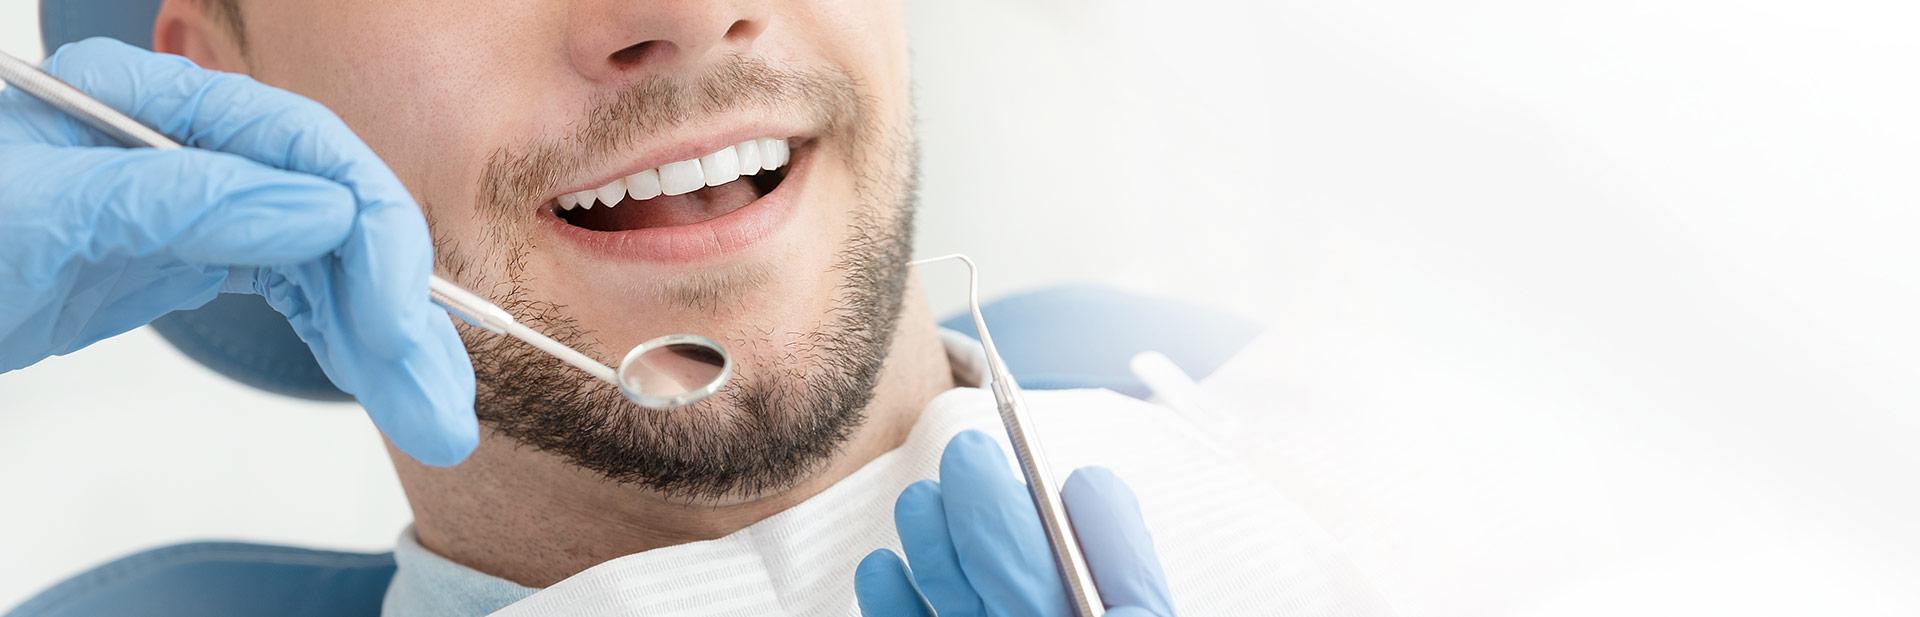 mann in zahnärztlicher behandlung